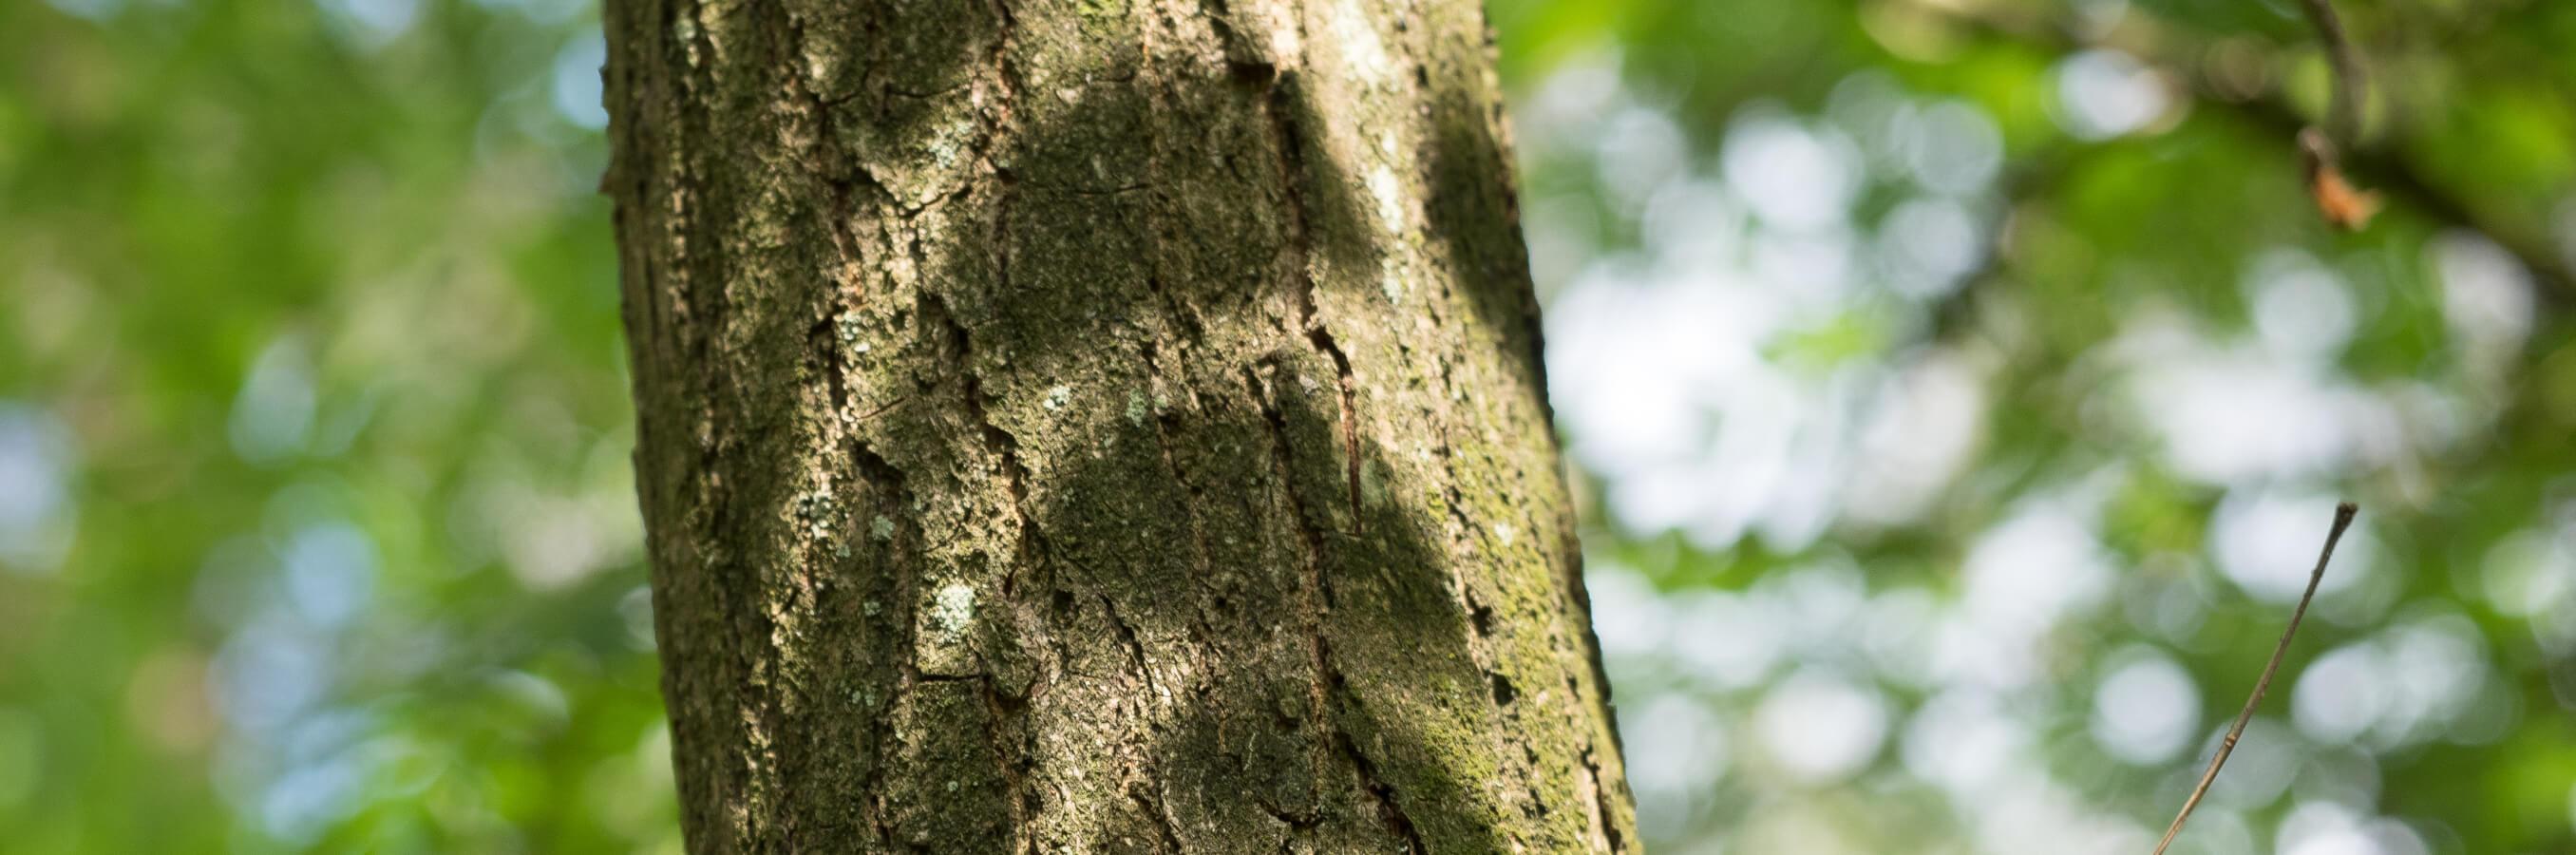 Bos Naarden schaduw bladeren op boom